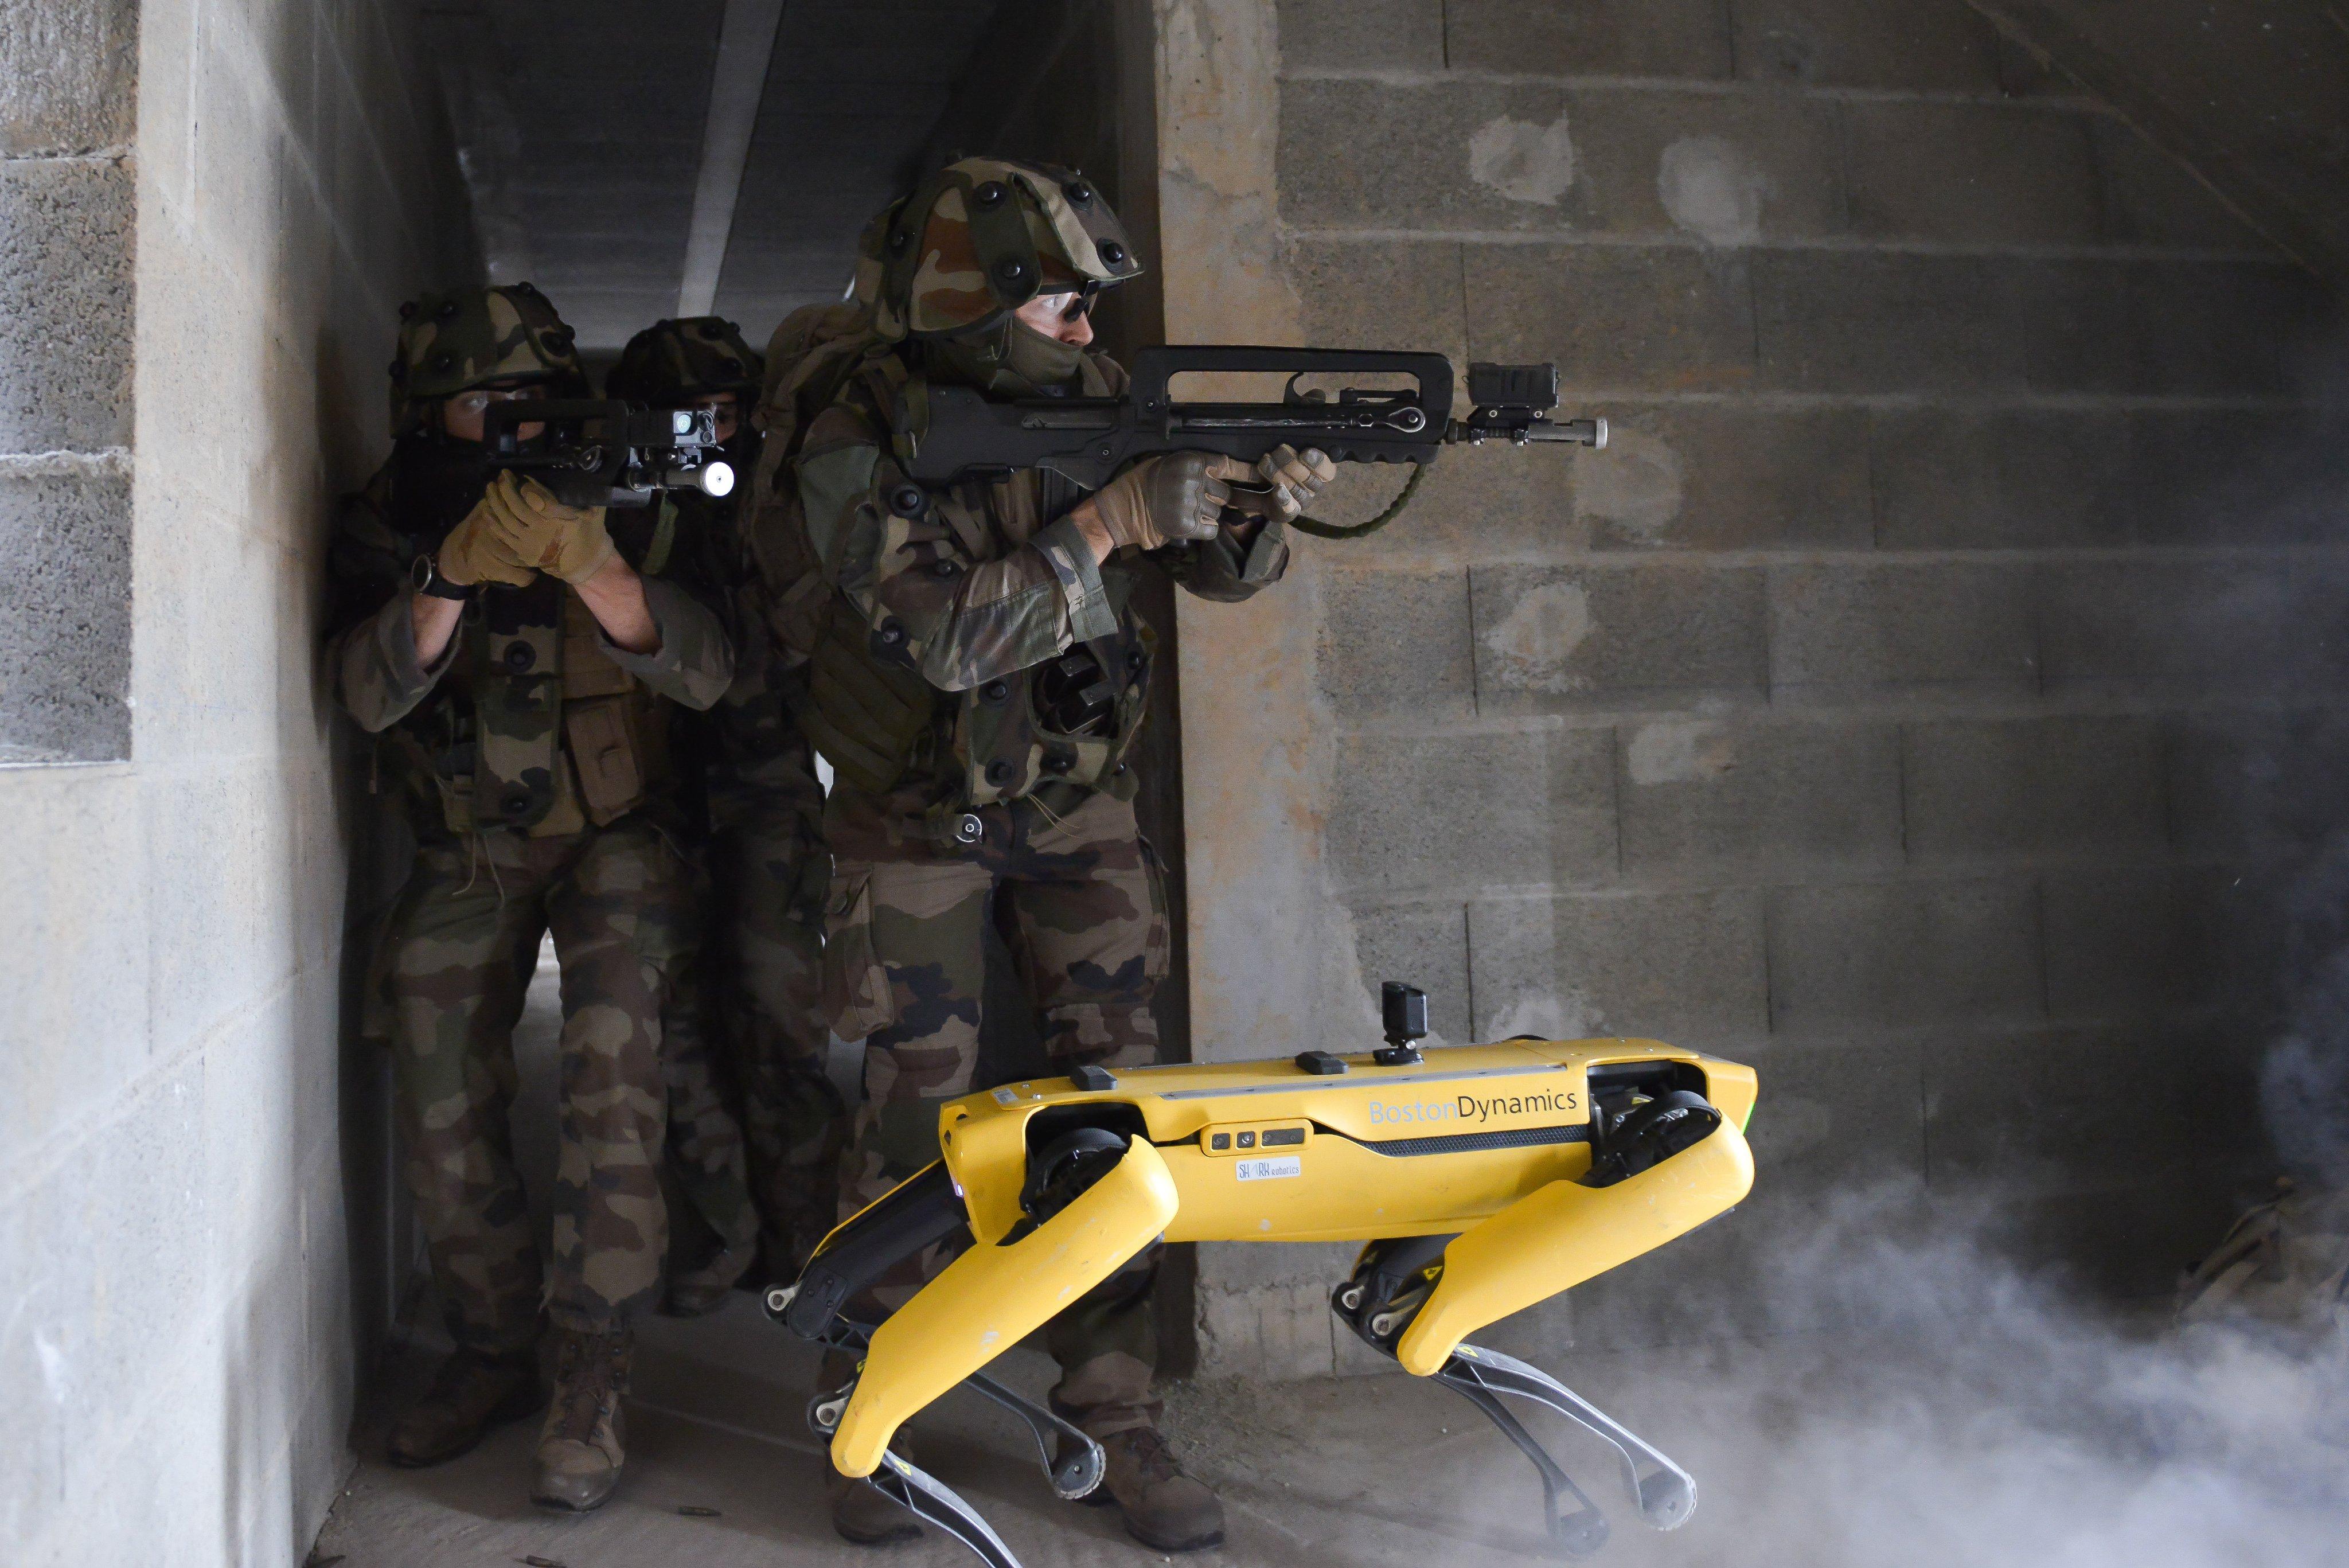 В Boston Dynamics говорят, что не знали о намерениях французских военных использовать робопса в своих учениях/ фото twitter.com/SaintCyrCoet